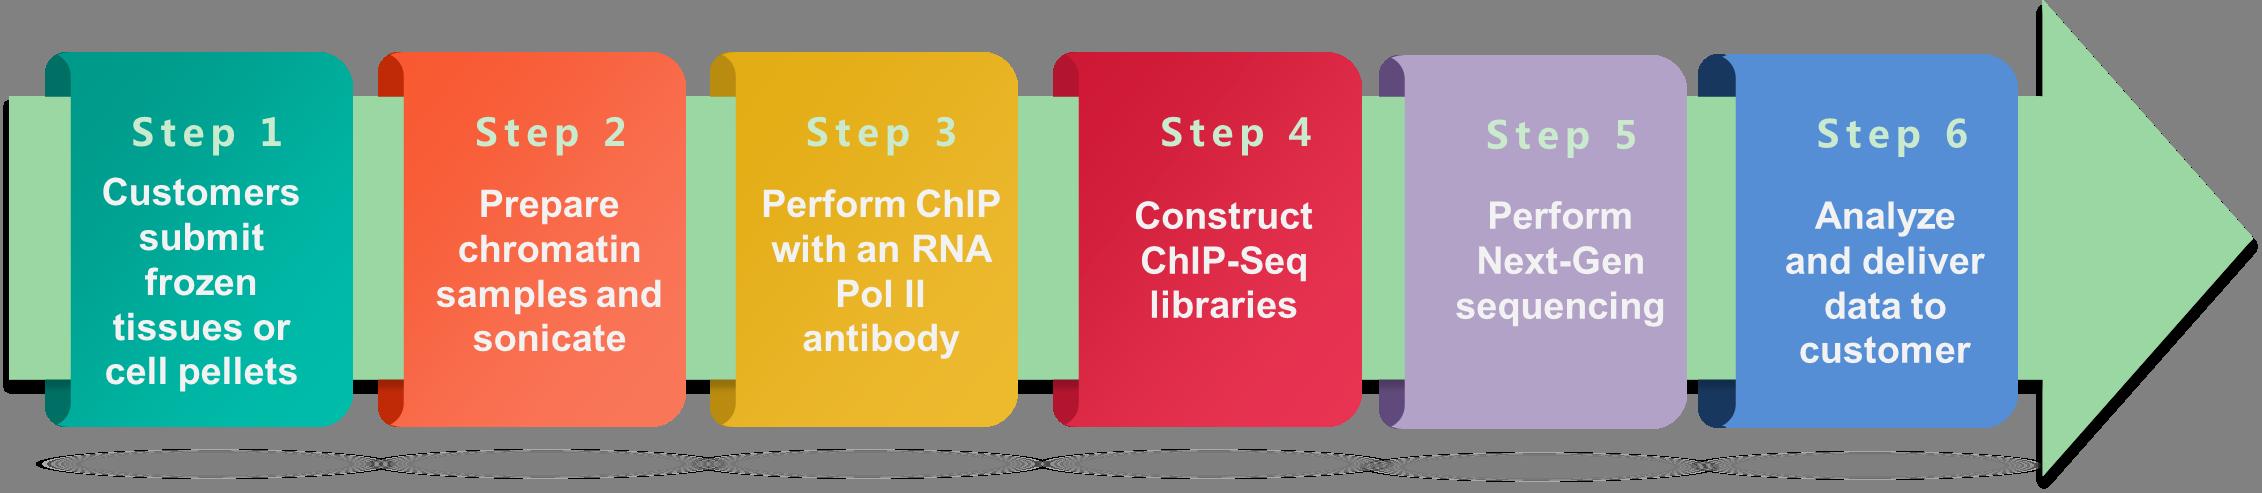 Schematic workflow of Pol II ChIP-Seq service